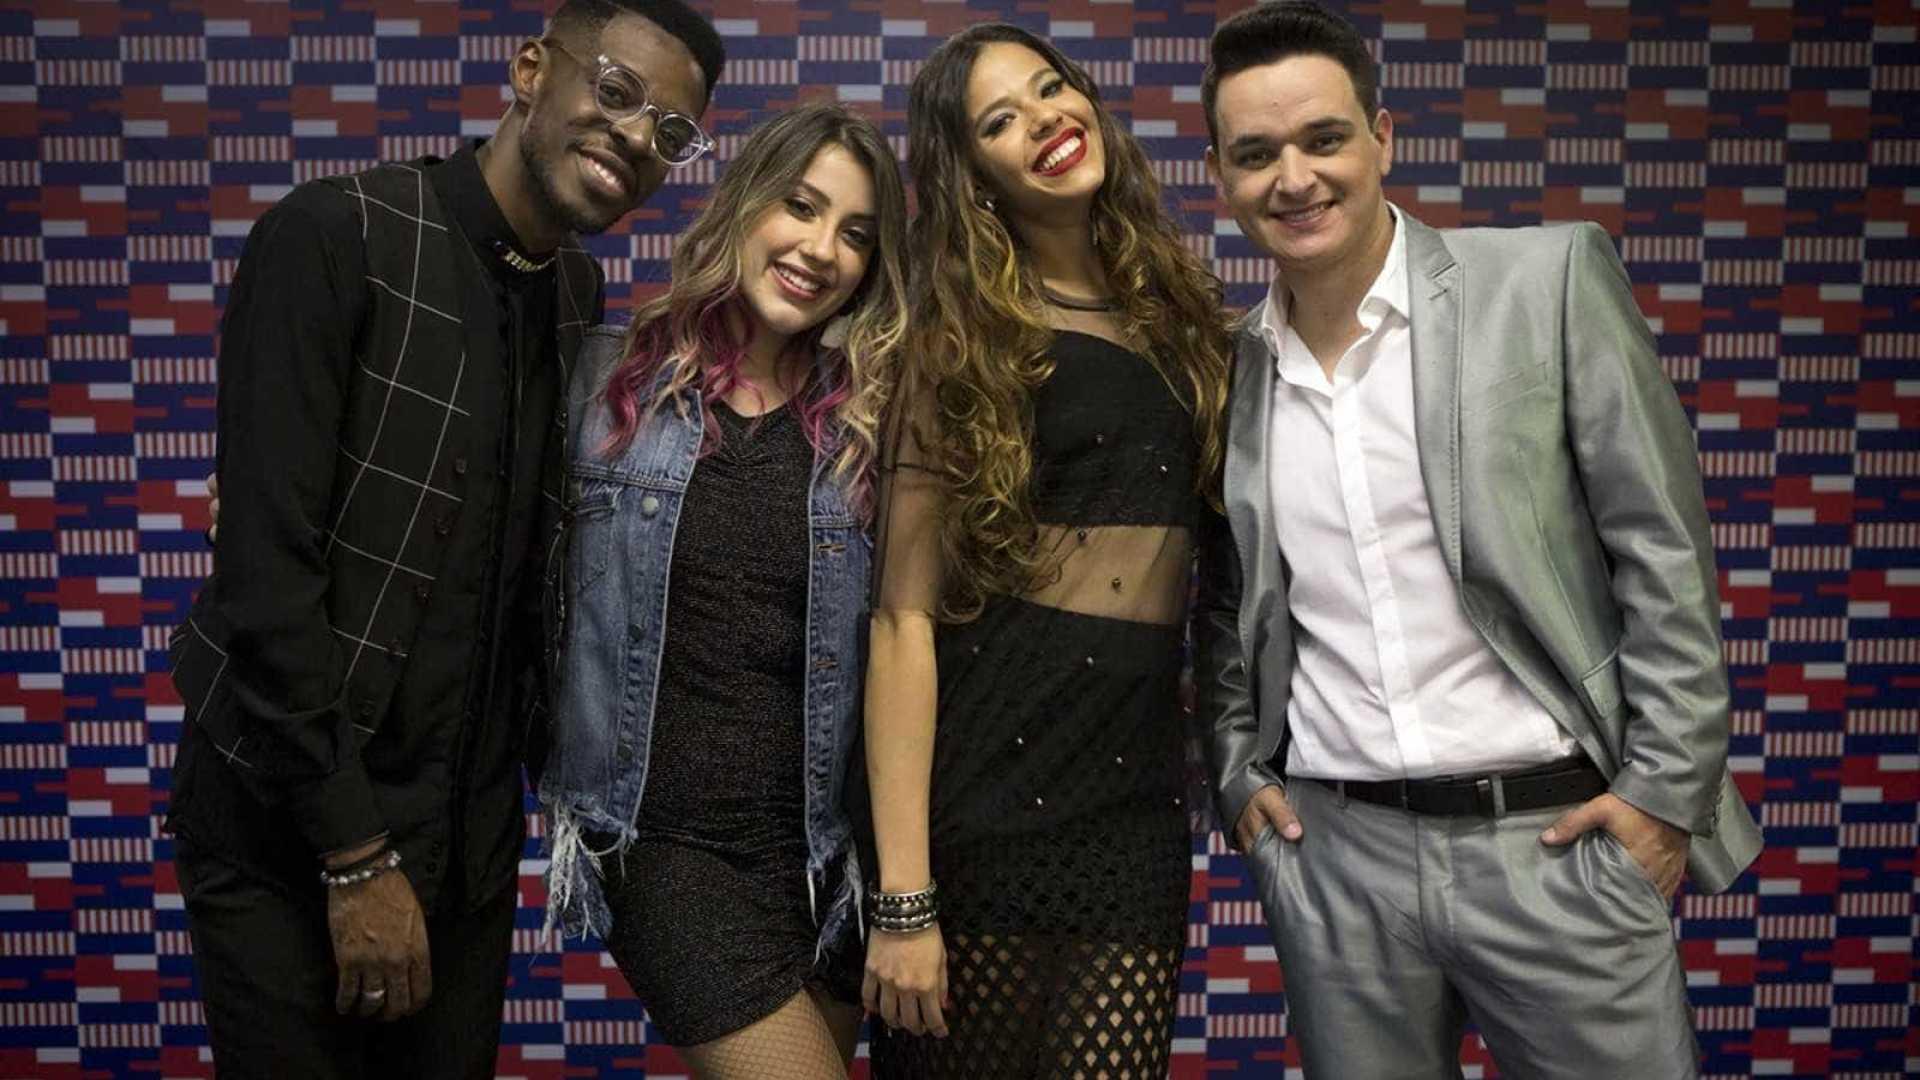 naom 5bab3a36c3a70 - Favoritos são eliminados na semifinal do The Voice Brasil